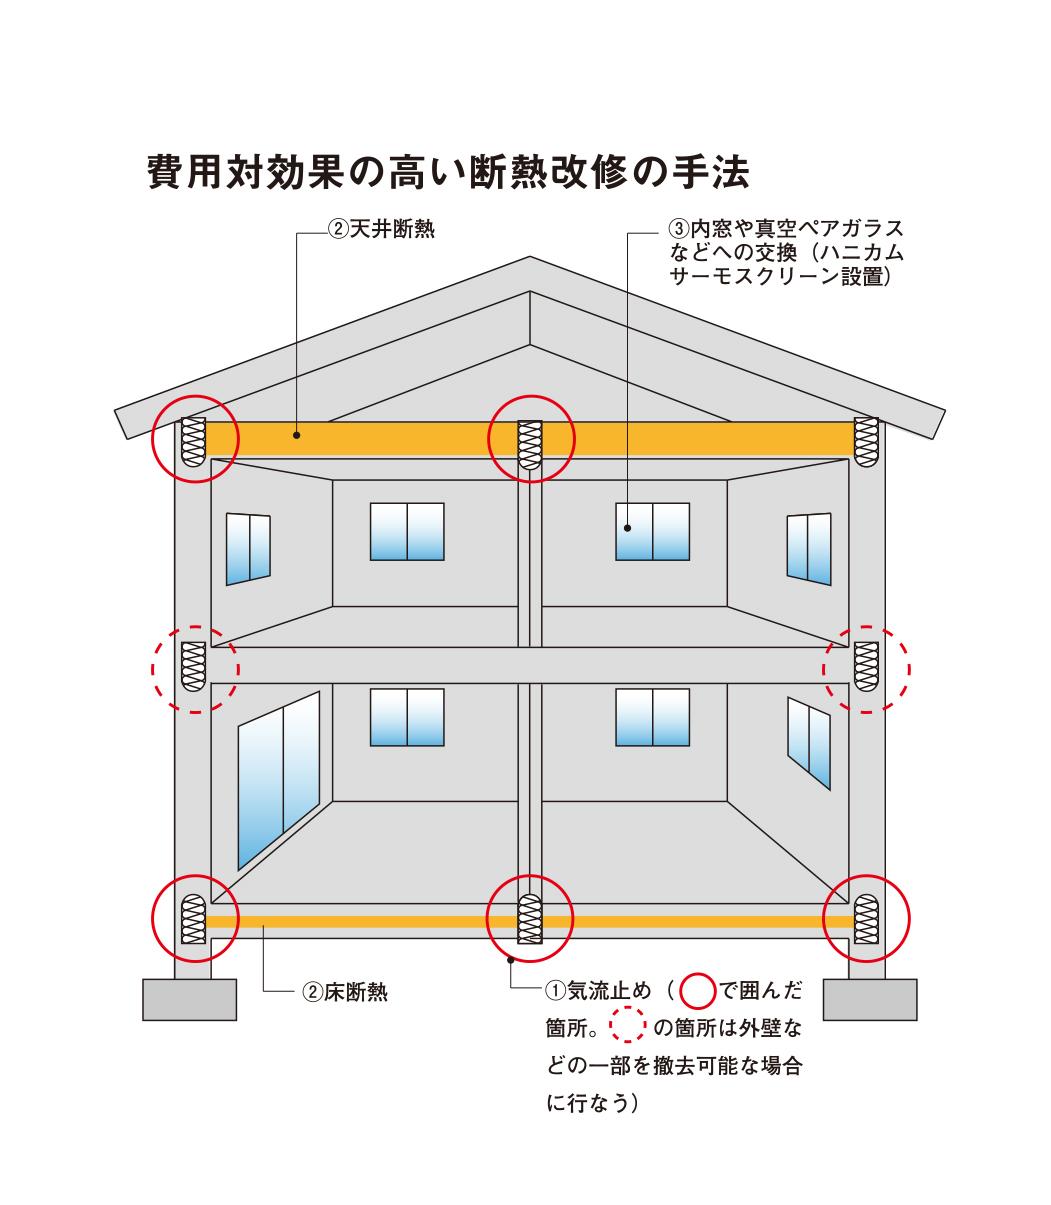 ひと目で分かる断熱改修の基本